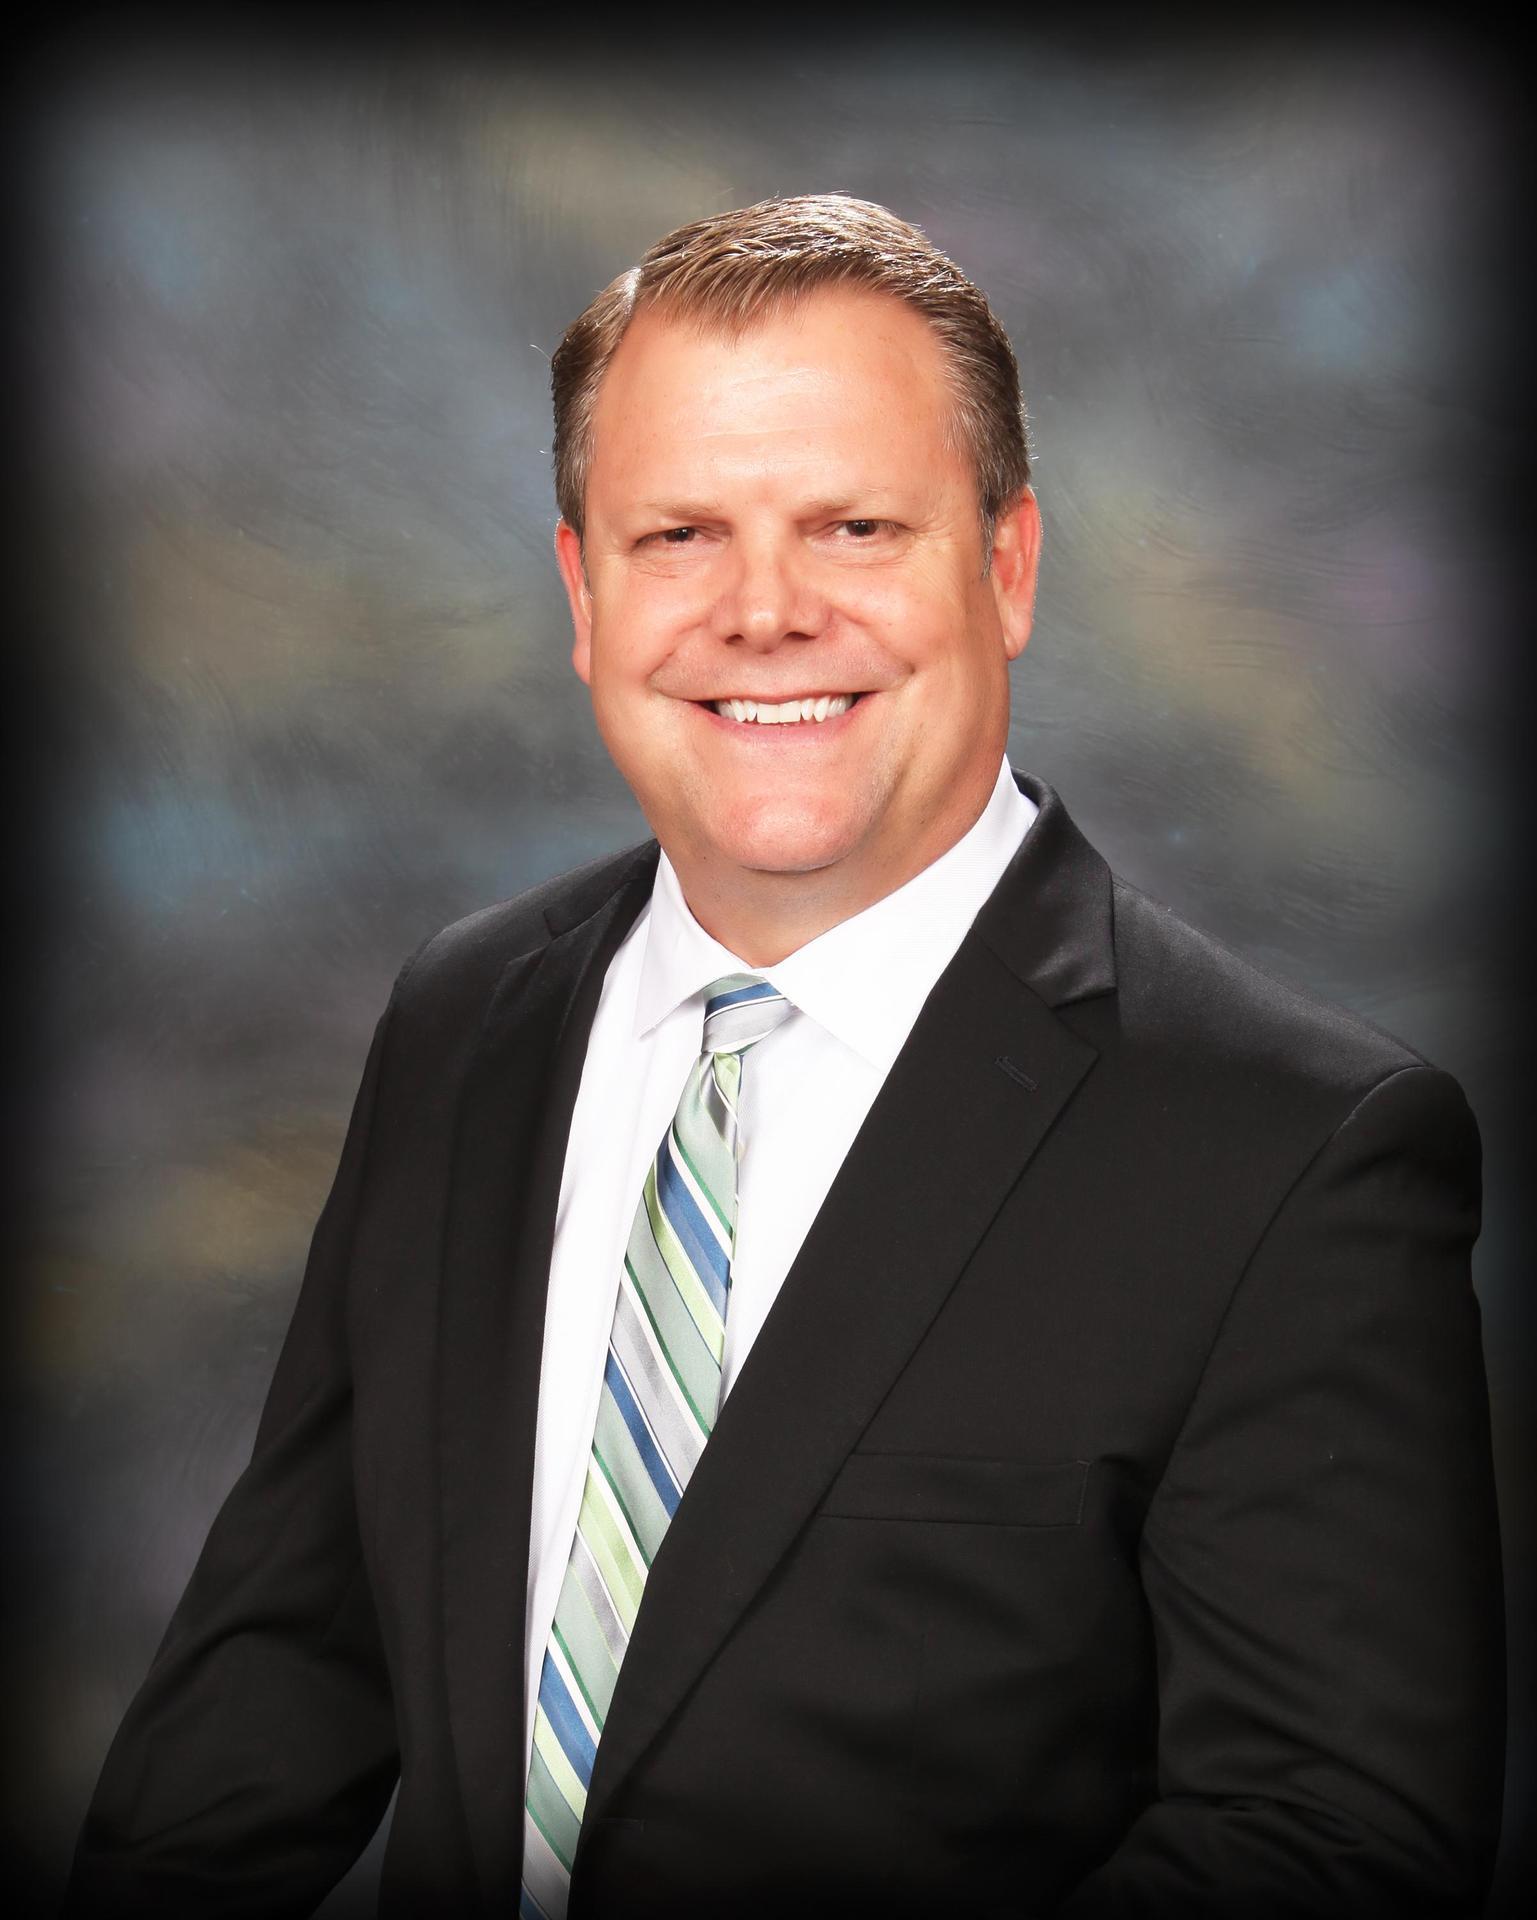 Paul Pulver, CEO